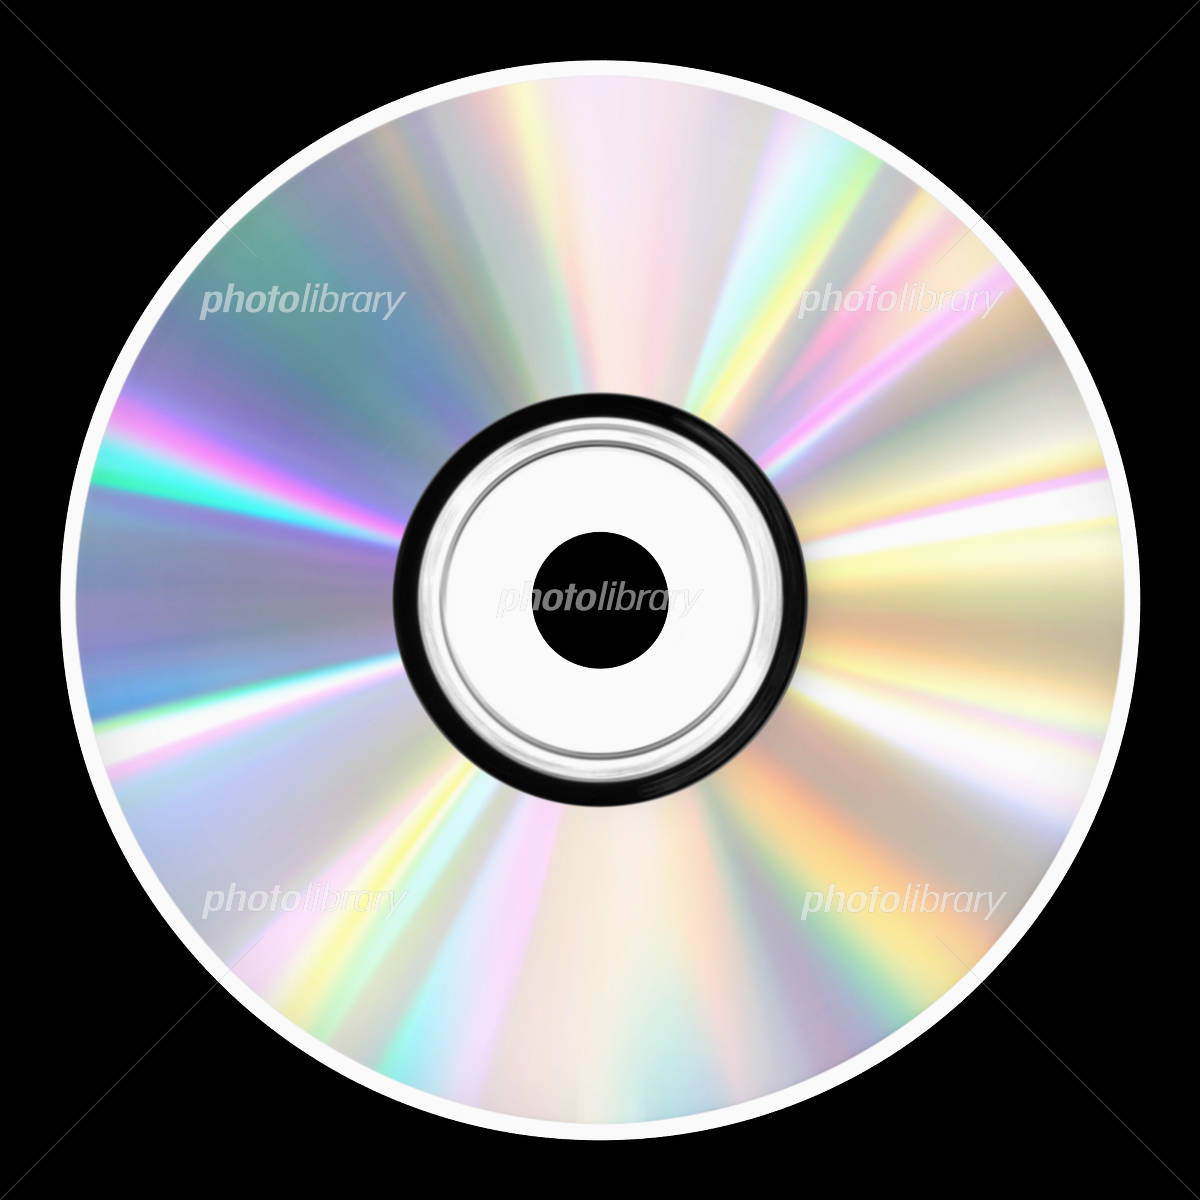 CD/DVDディスク(正面) イラスト素材 [ 3741678 ] - フォトライブ ...